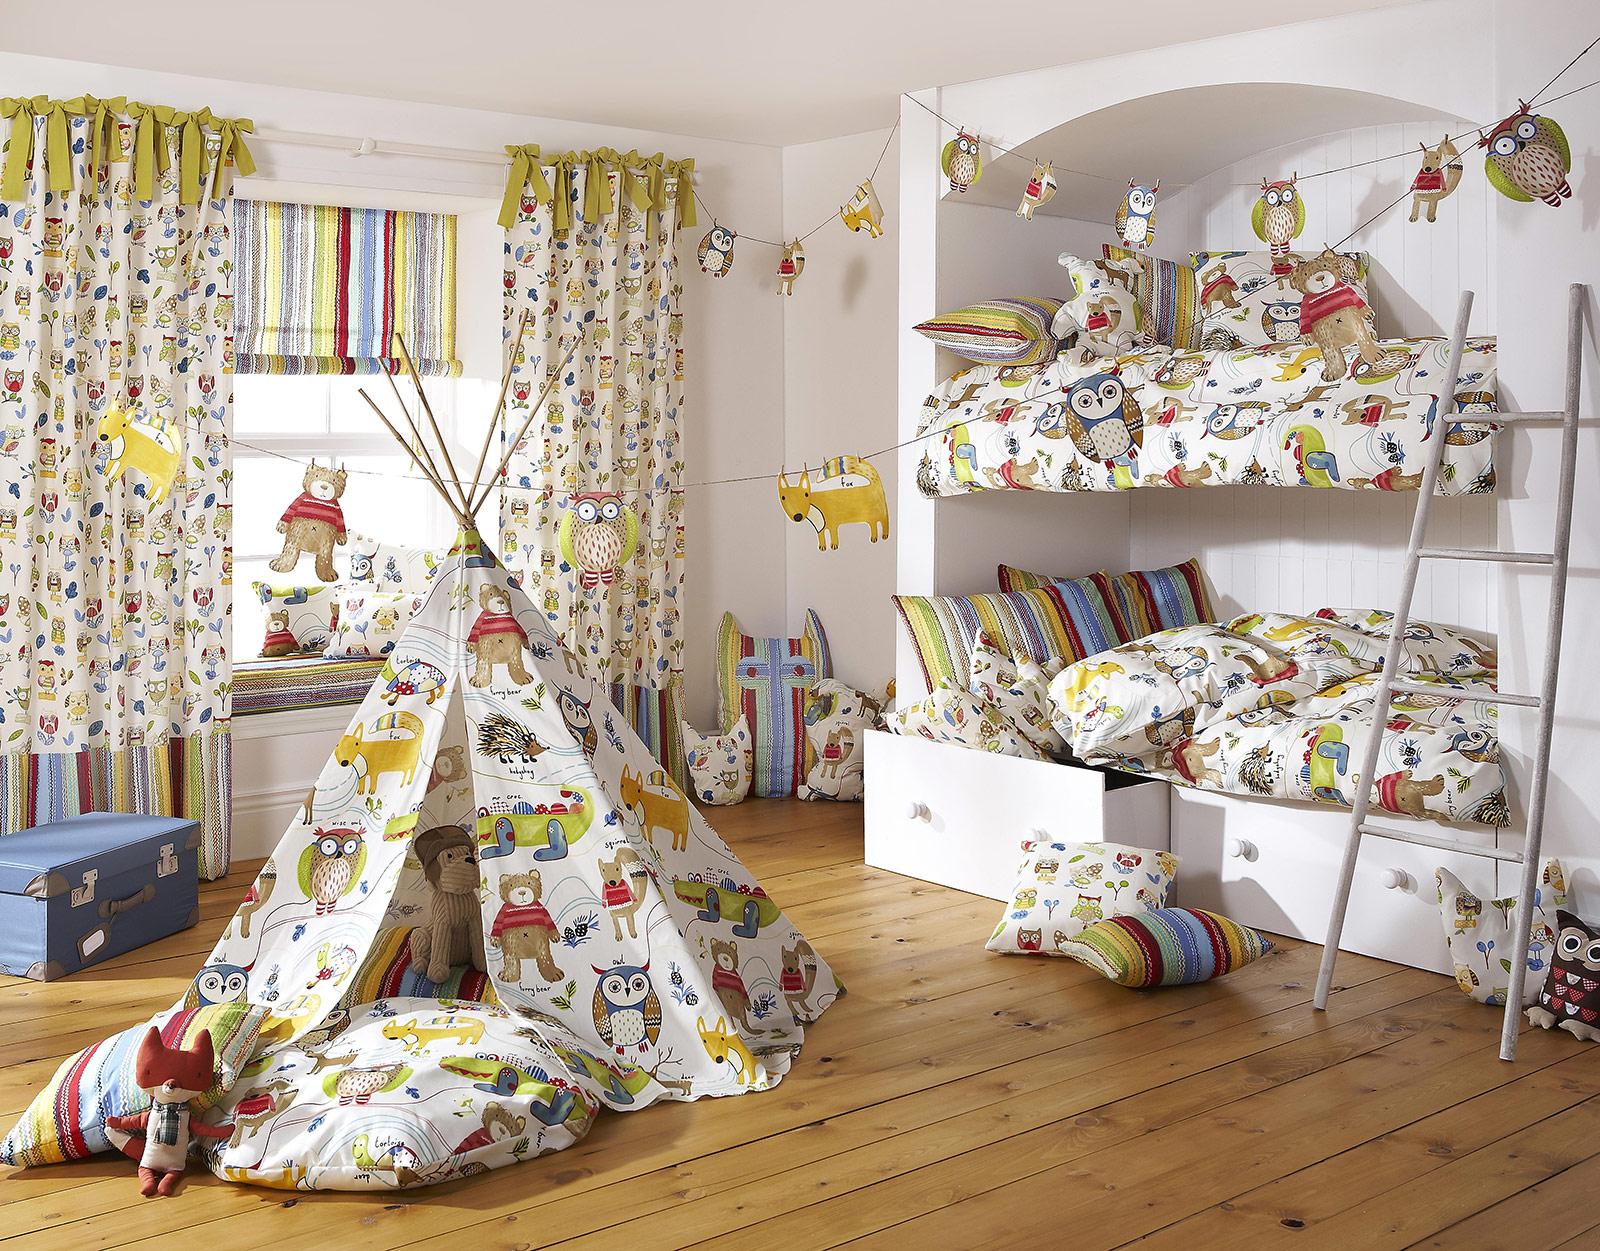 Full Size of Kinderzimmer Gardine Deckenlampen Für Wohnzimmer Laminat Küche Vinyl Fürs Bad Spielgeräte Den Garten Spiegelschränke Vorhänge Schlafzimmer Tagesdecken Kinderzimmer Vorhänge Für Kinderzimmer